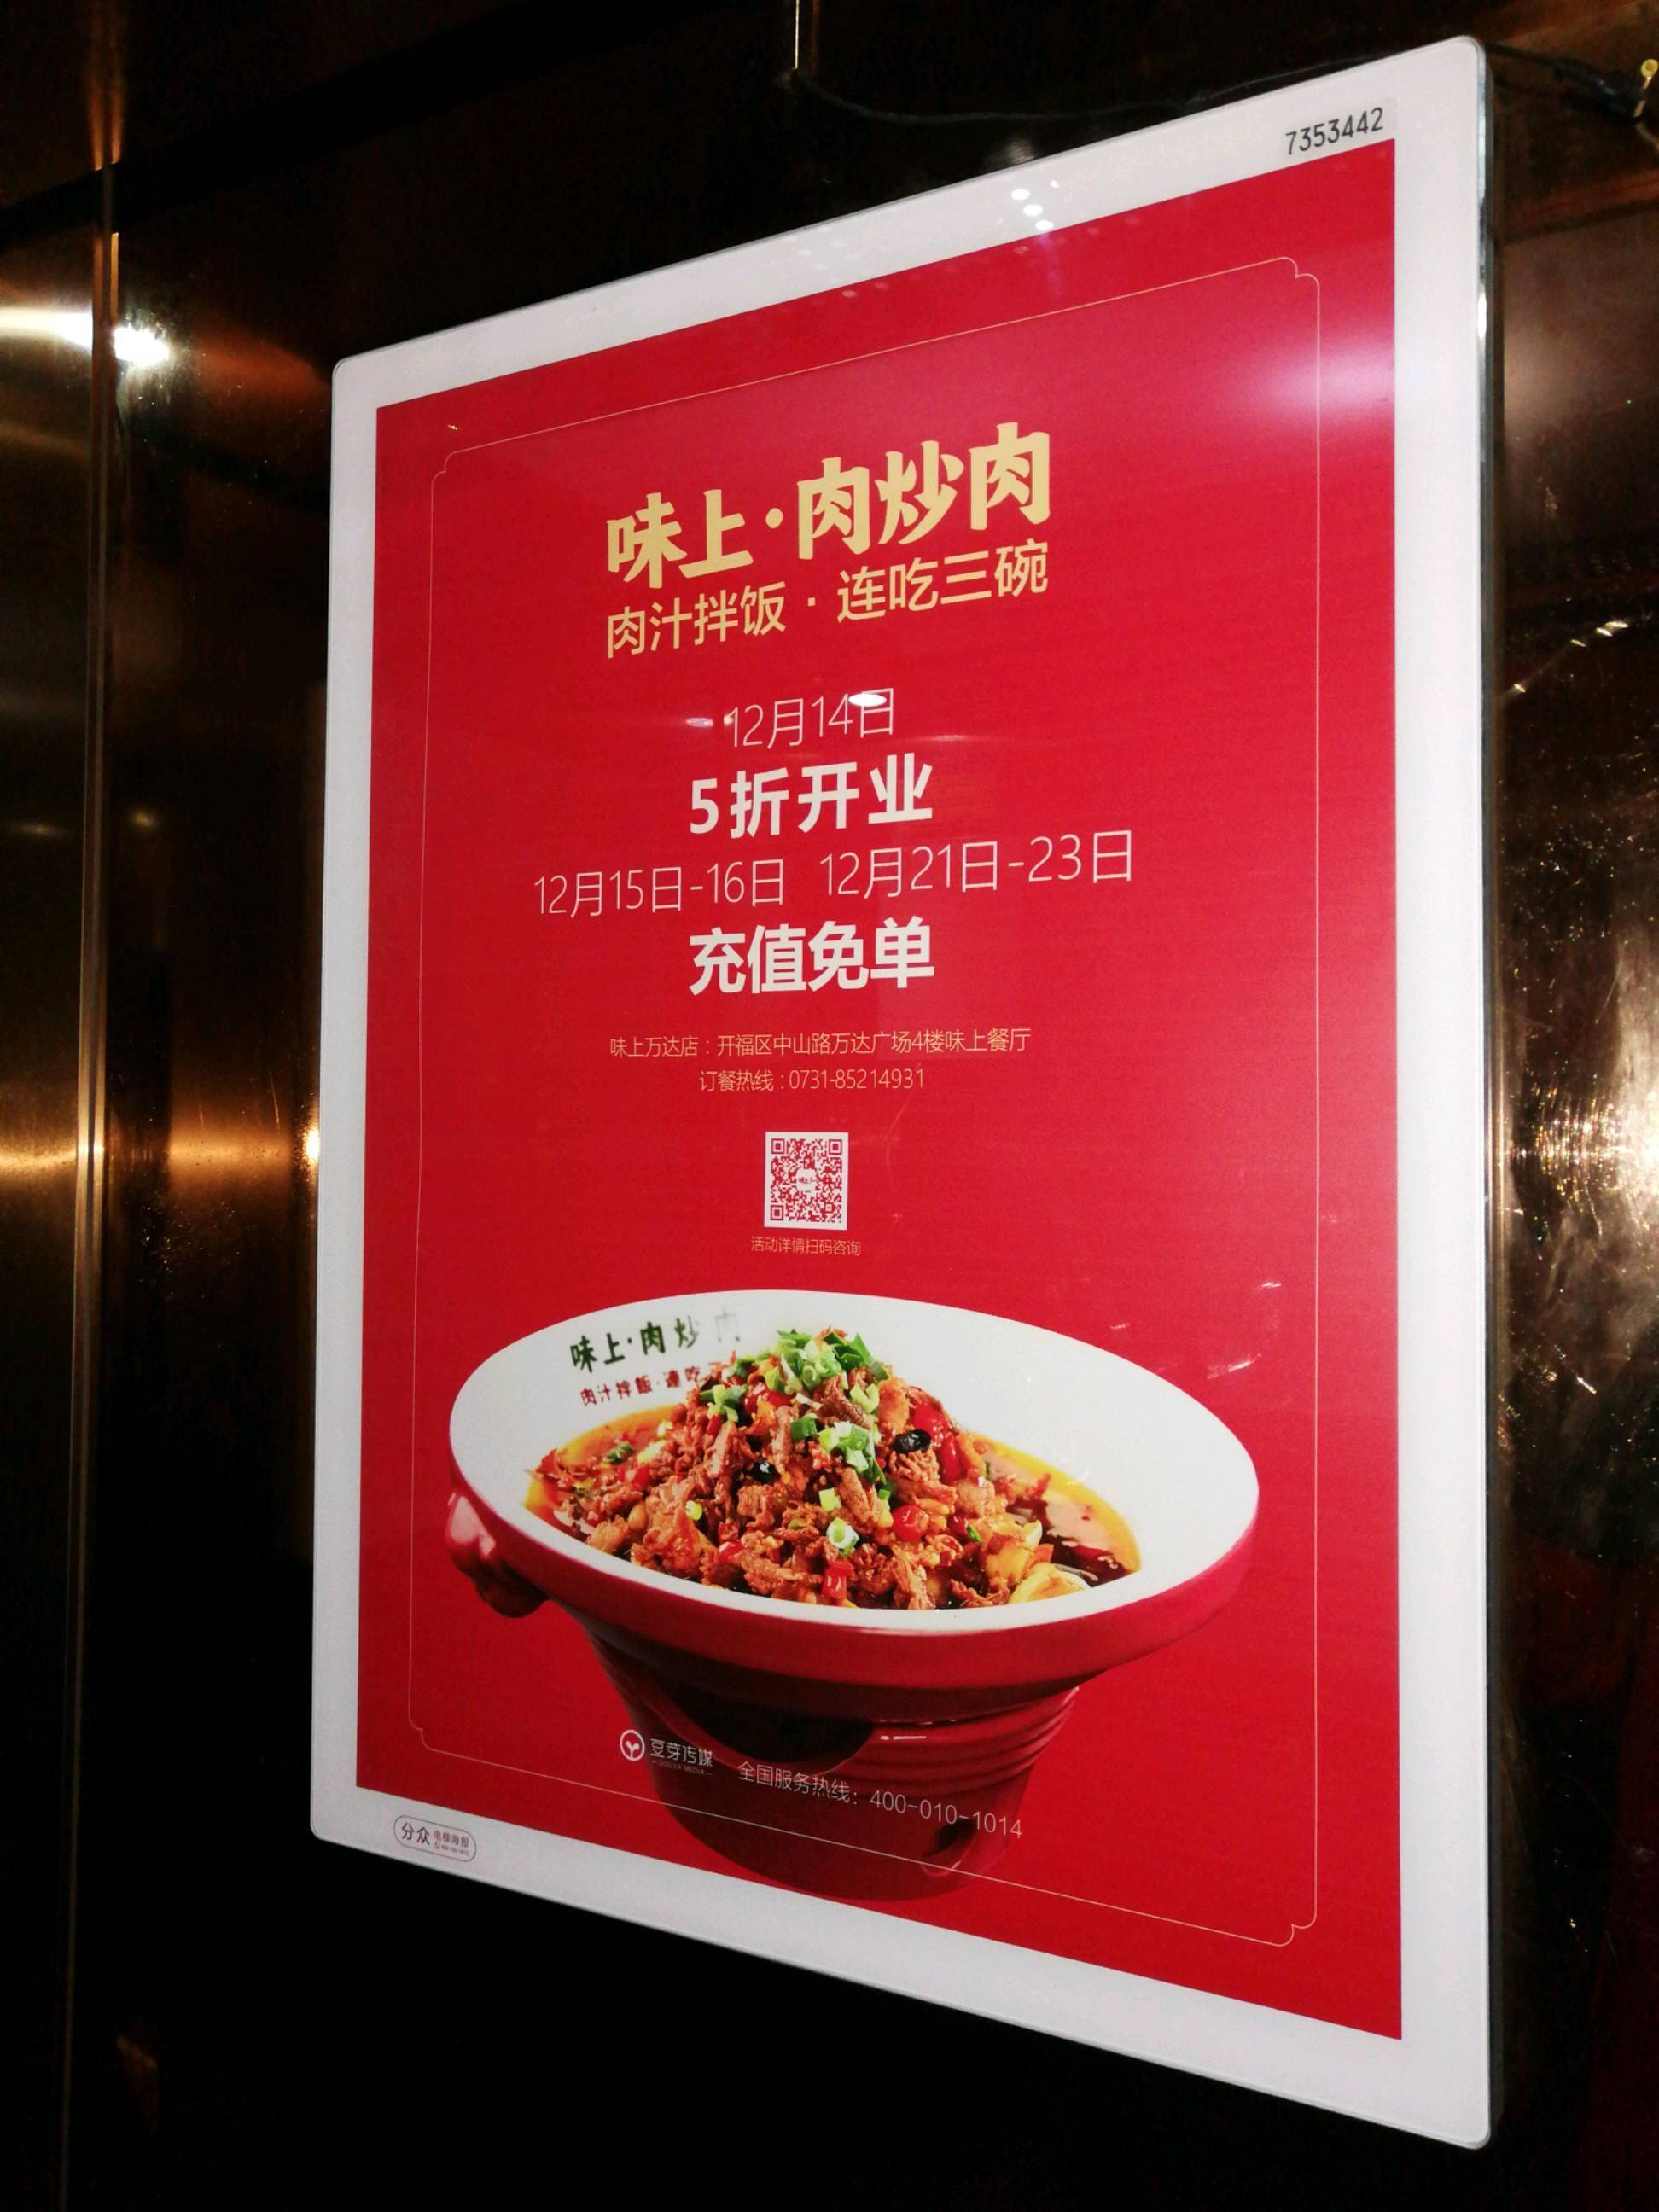 哈尔滨电梯广告公司广告牌框架3.0投放(100框起投)